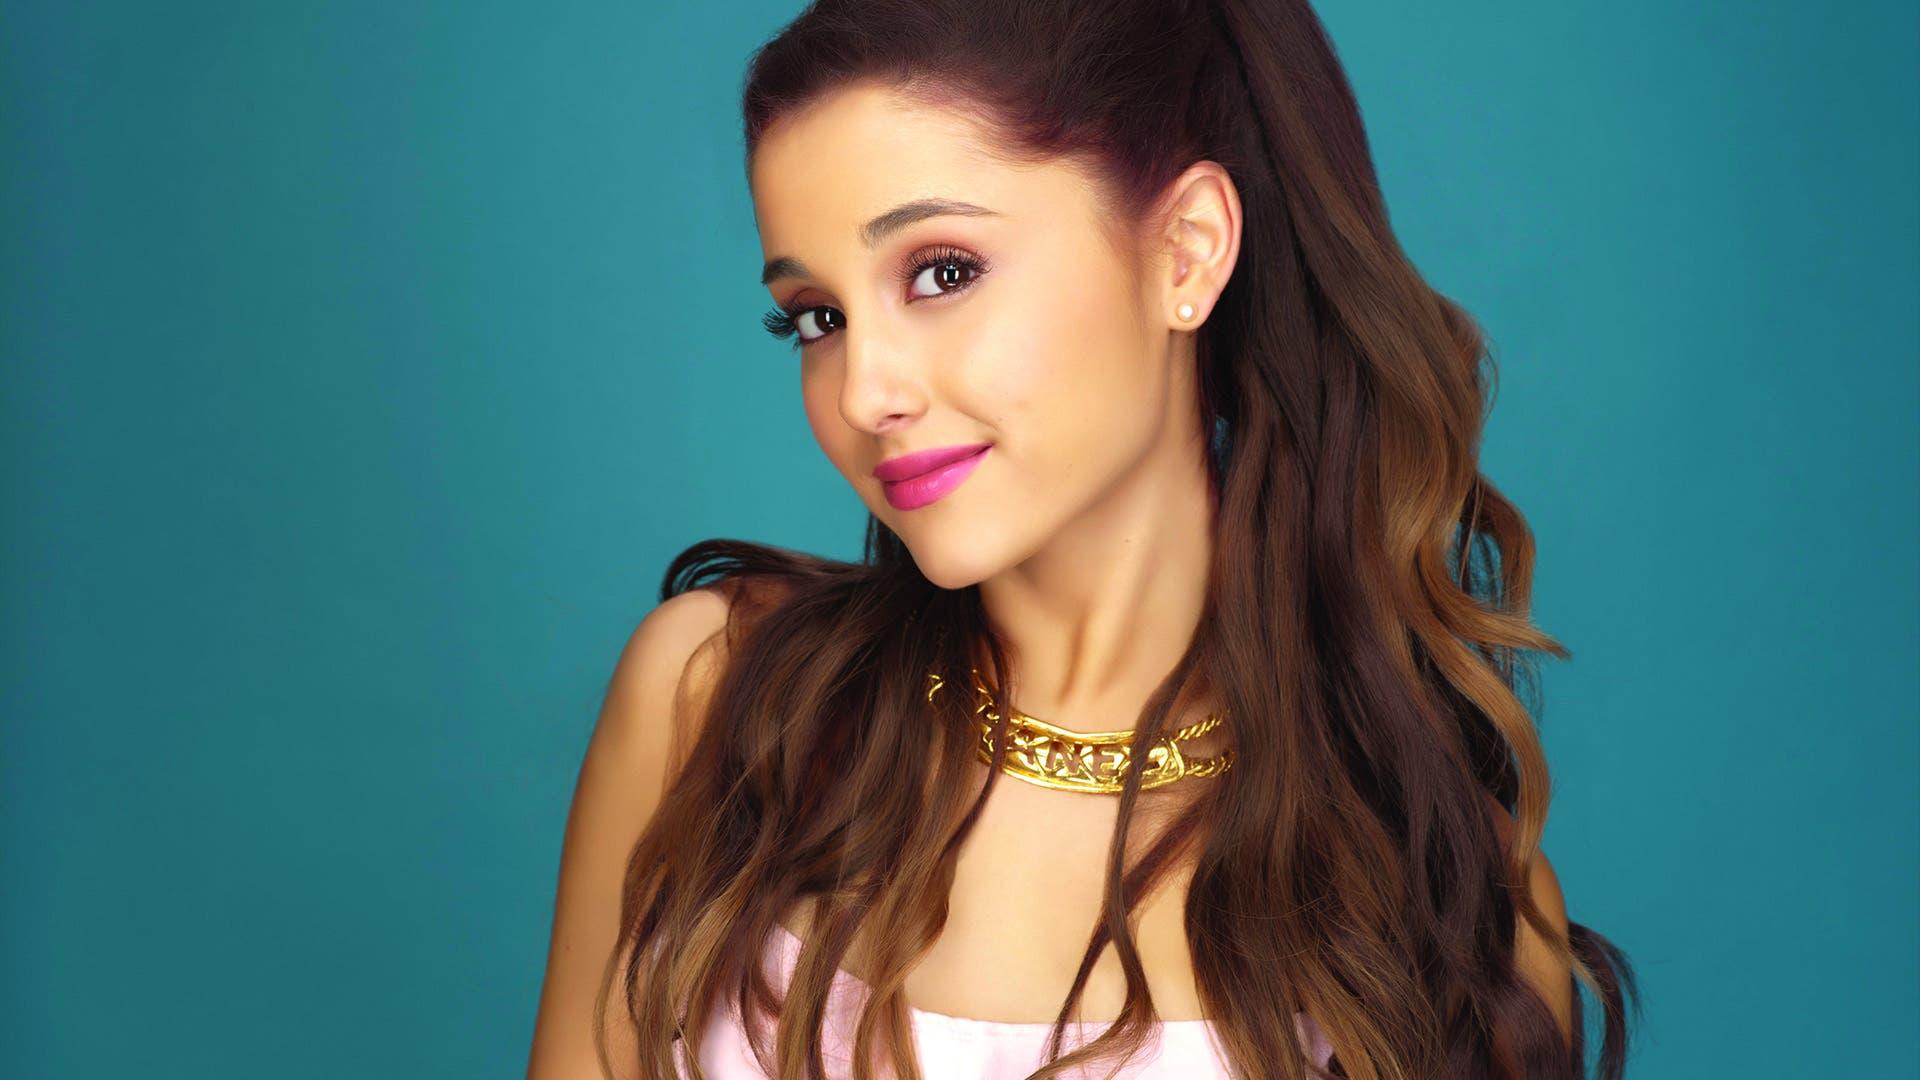 Ariana Grande regresará a Manchester para ofrecer un concierto benéfico